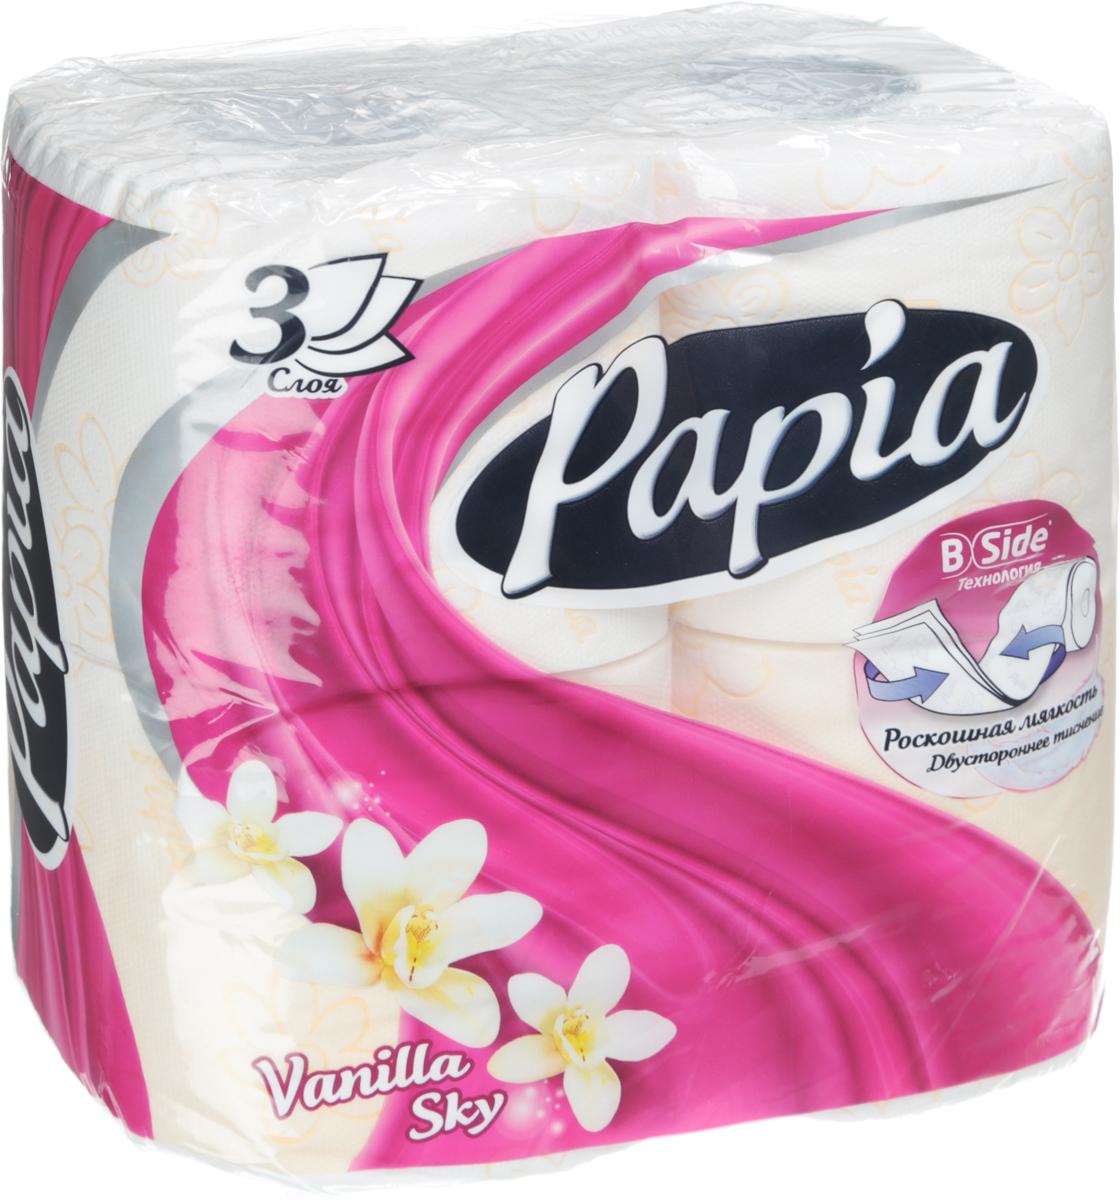 цены Туалетная бумага Papia